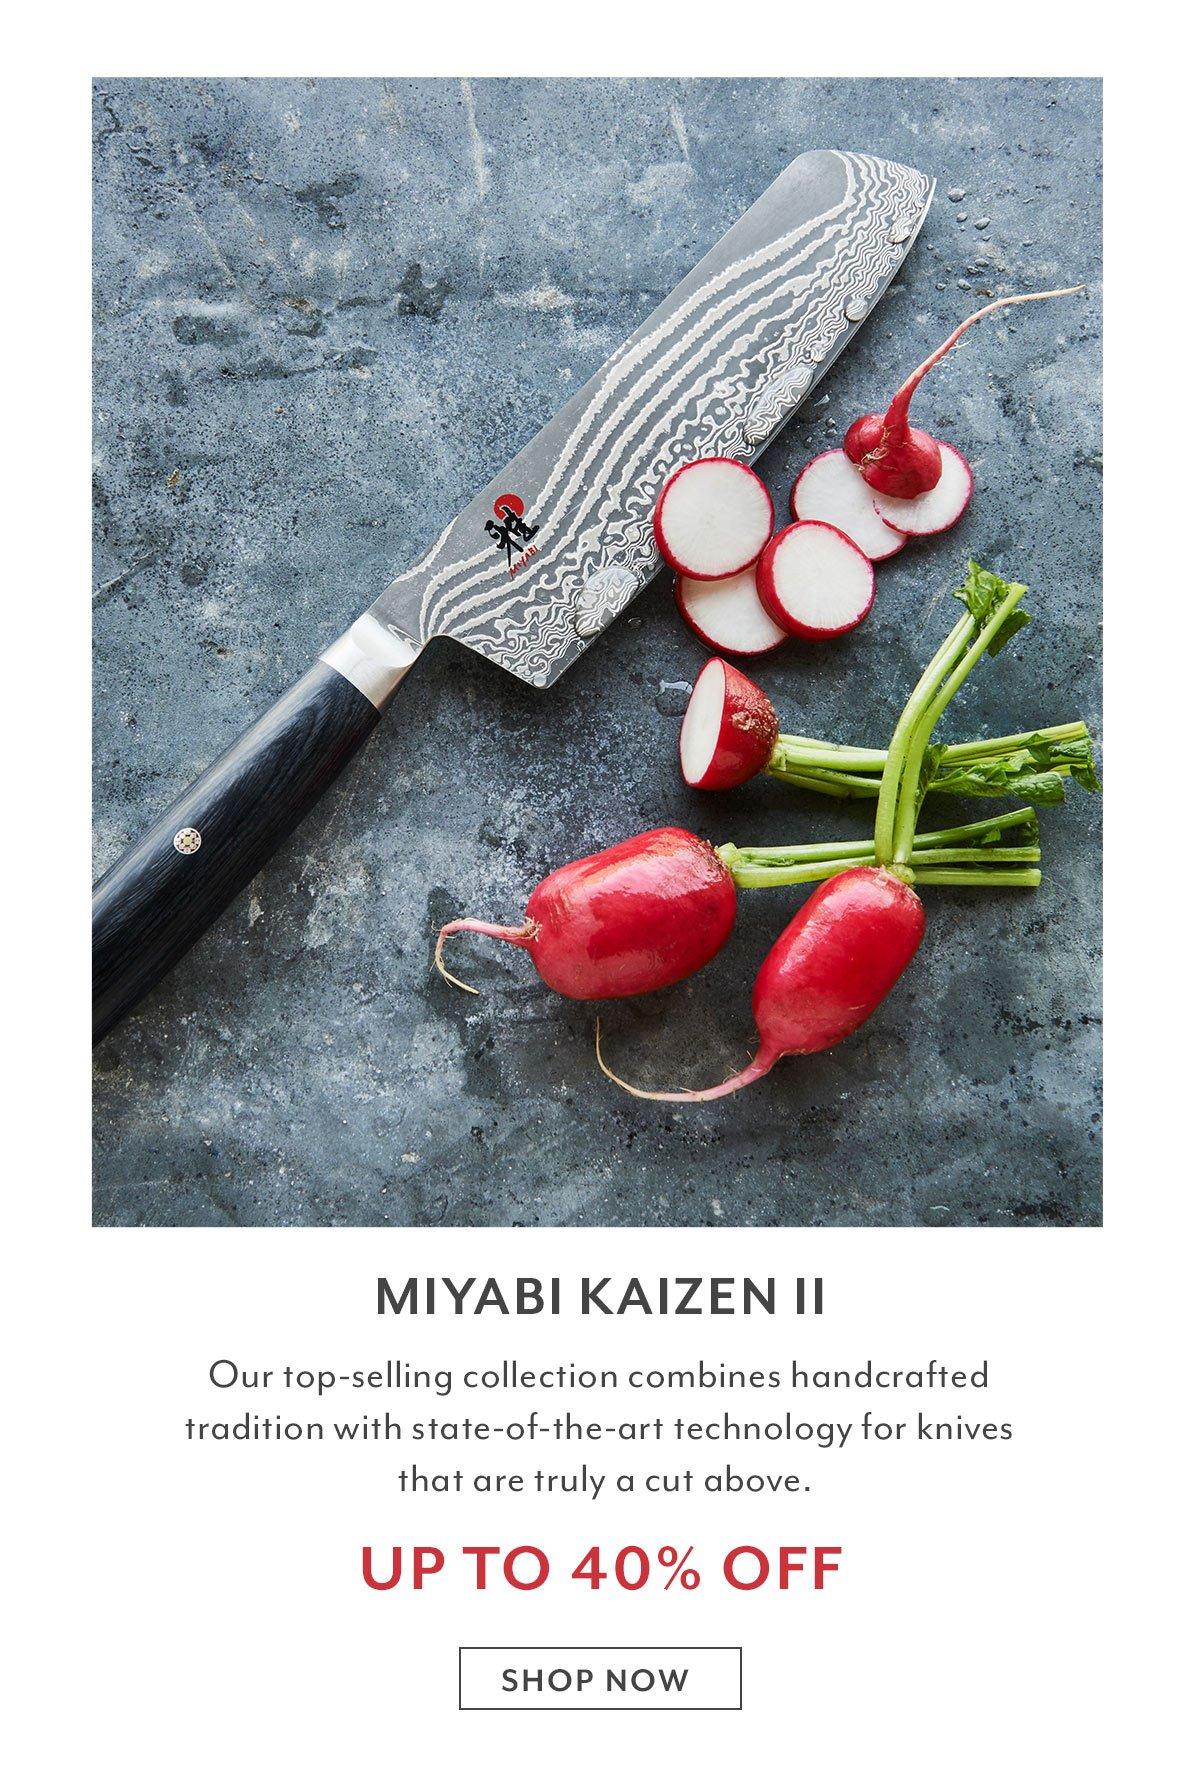 Miyabi Kaizen II